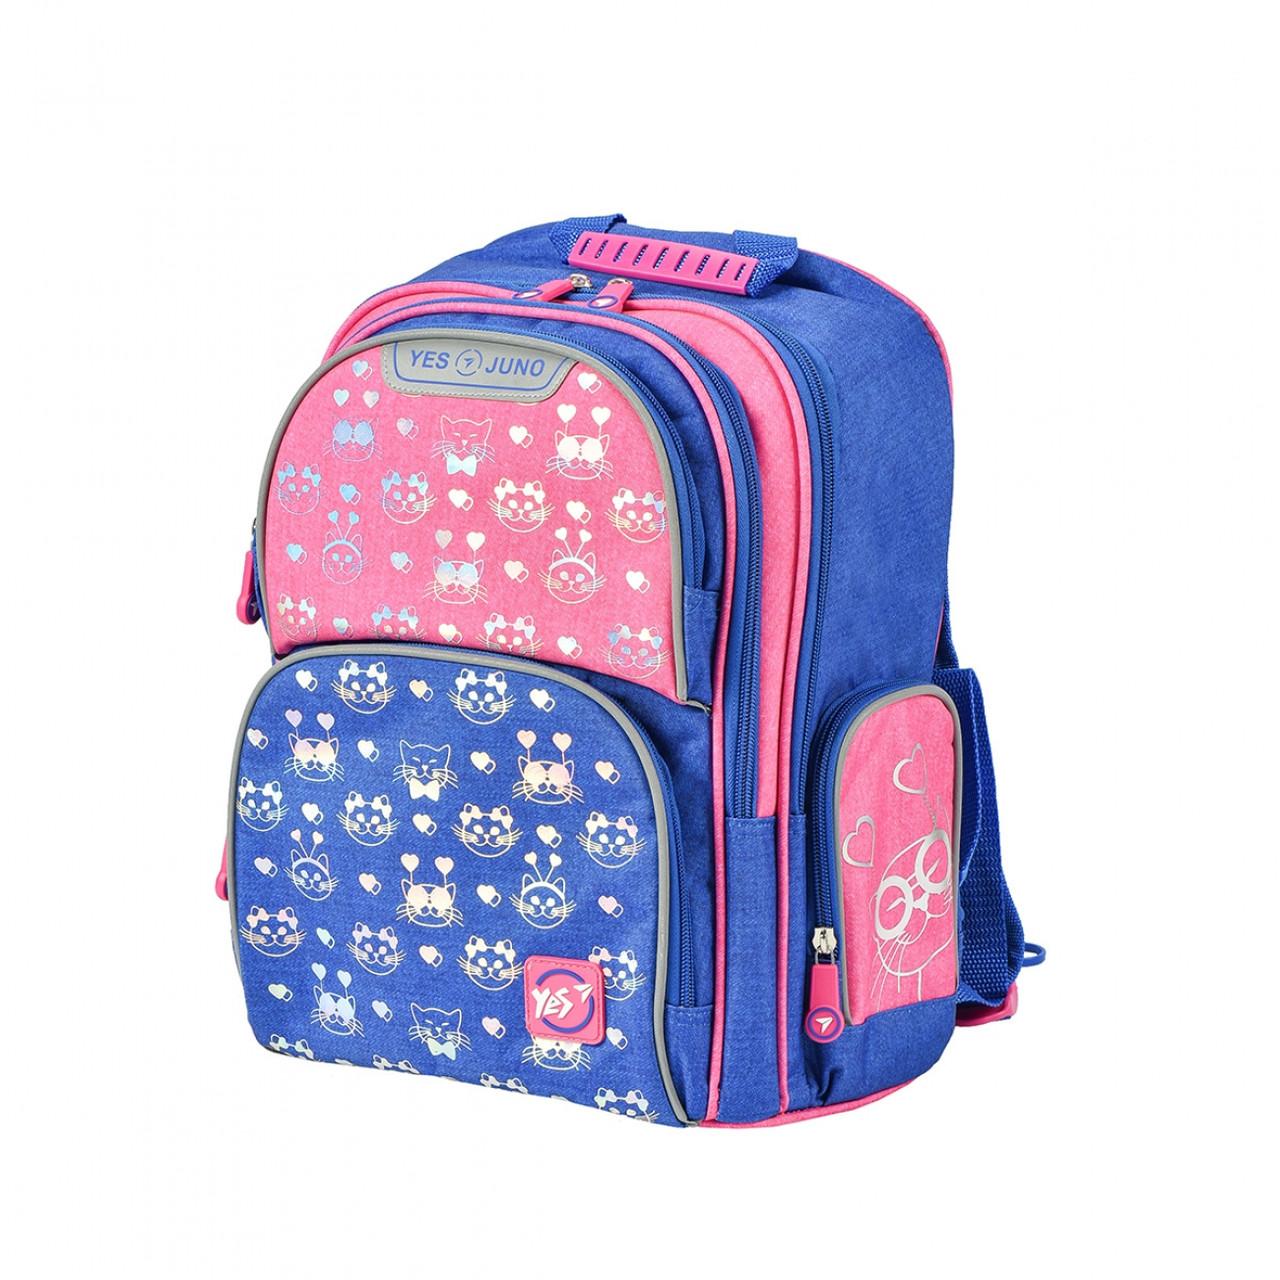 Рюкзак шкільний YES S-30 Juno Meow (558010)